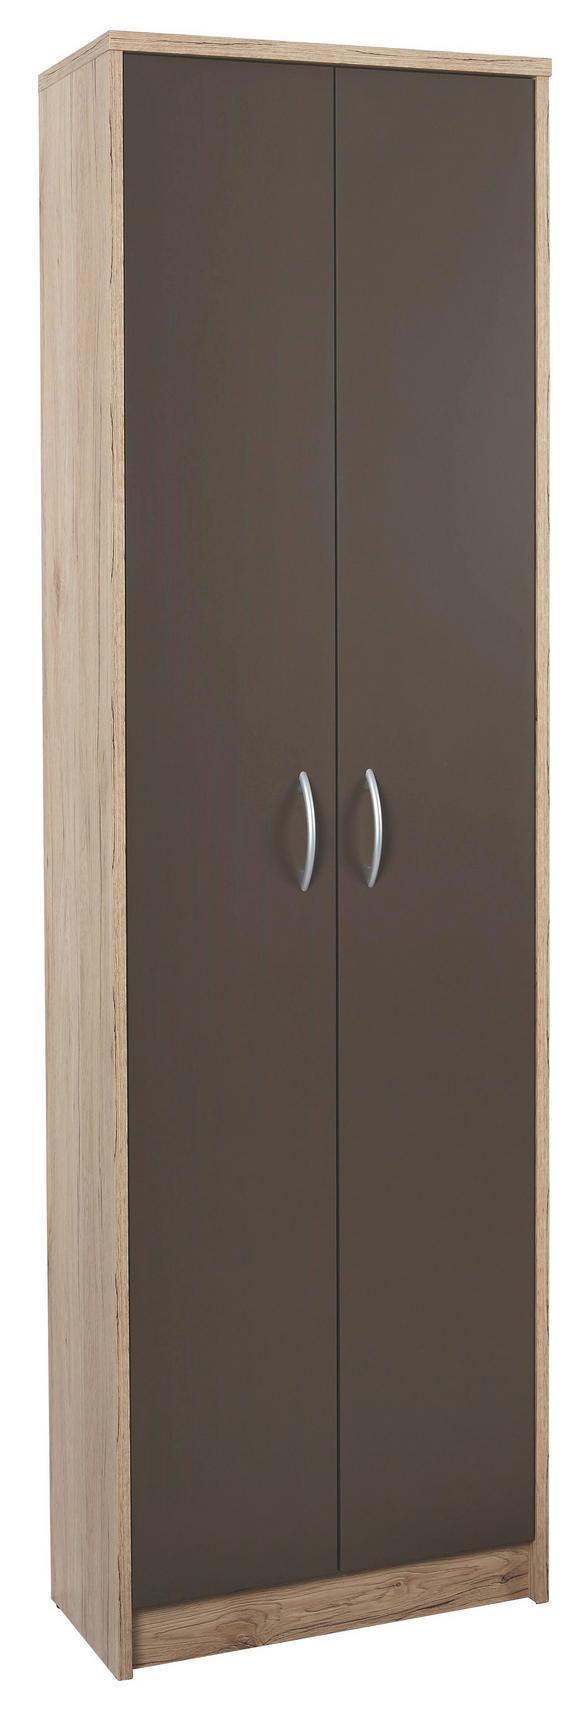 Omara Za Oblačila Iza - hrast/srebrna, Konvencionalno, umetna masa/leseni material (55/190/26cm) - Mömax modern living